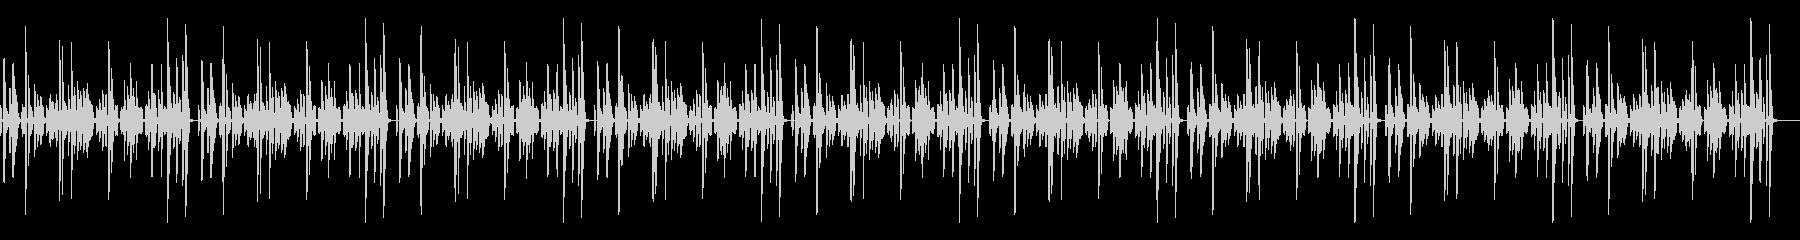 シンプルな作業用のピアノソロBGの未再生の波形